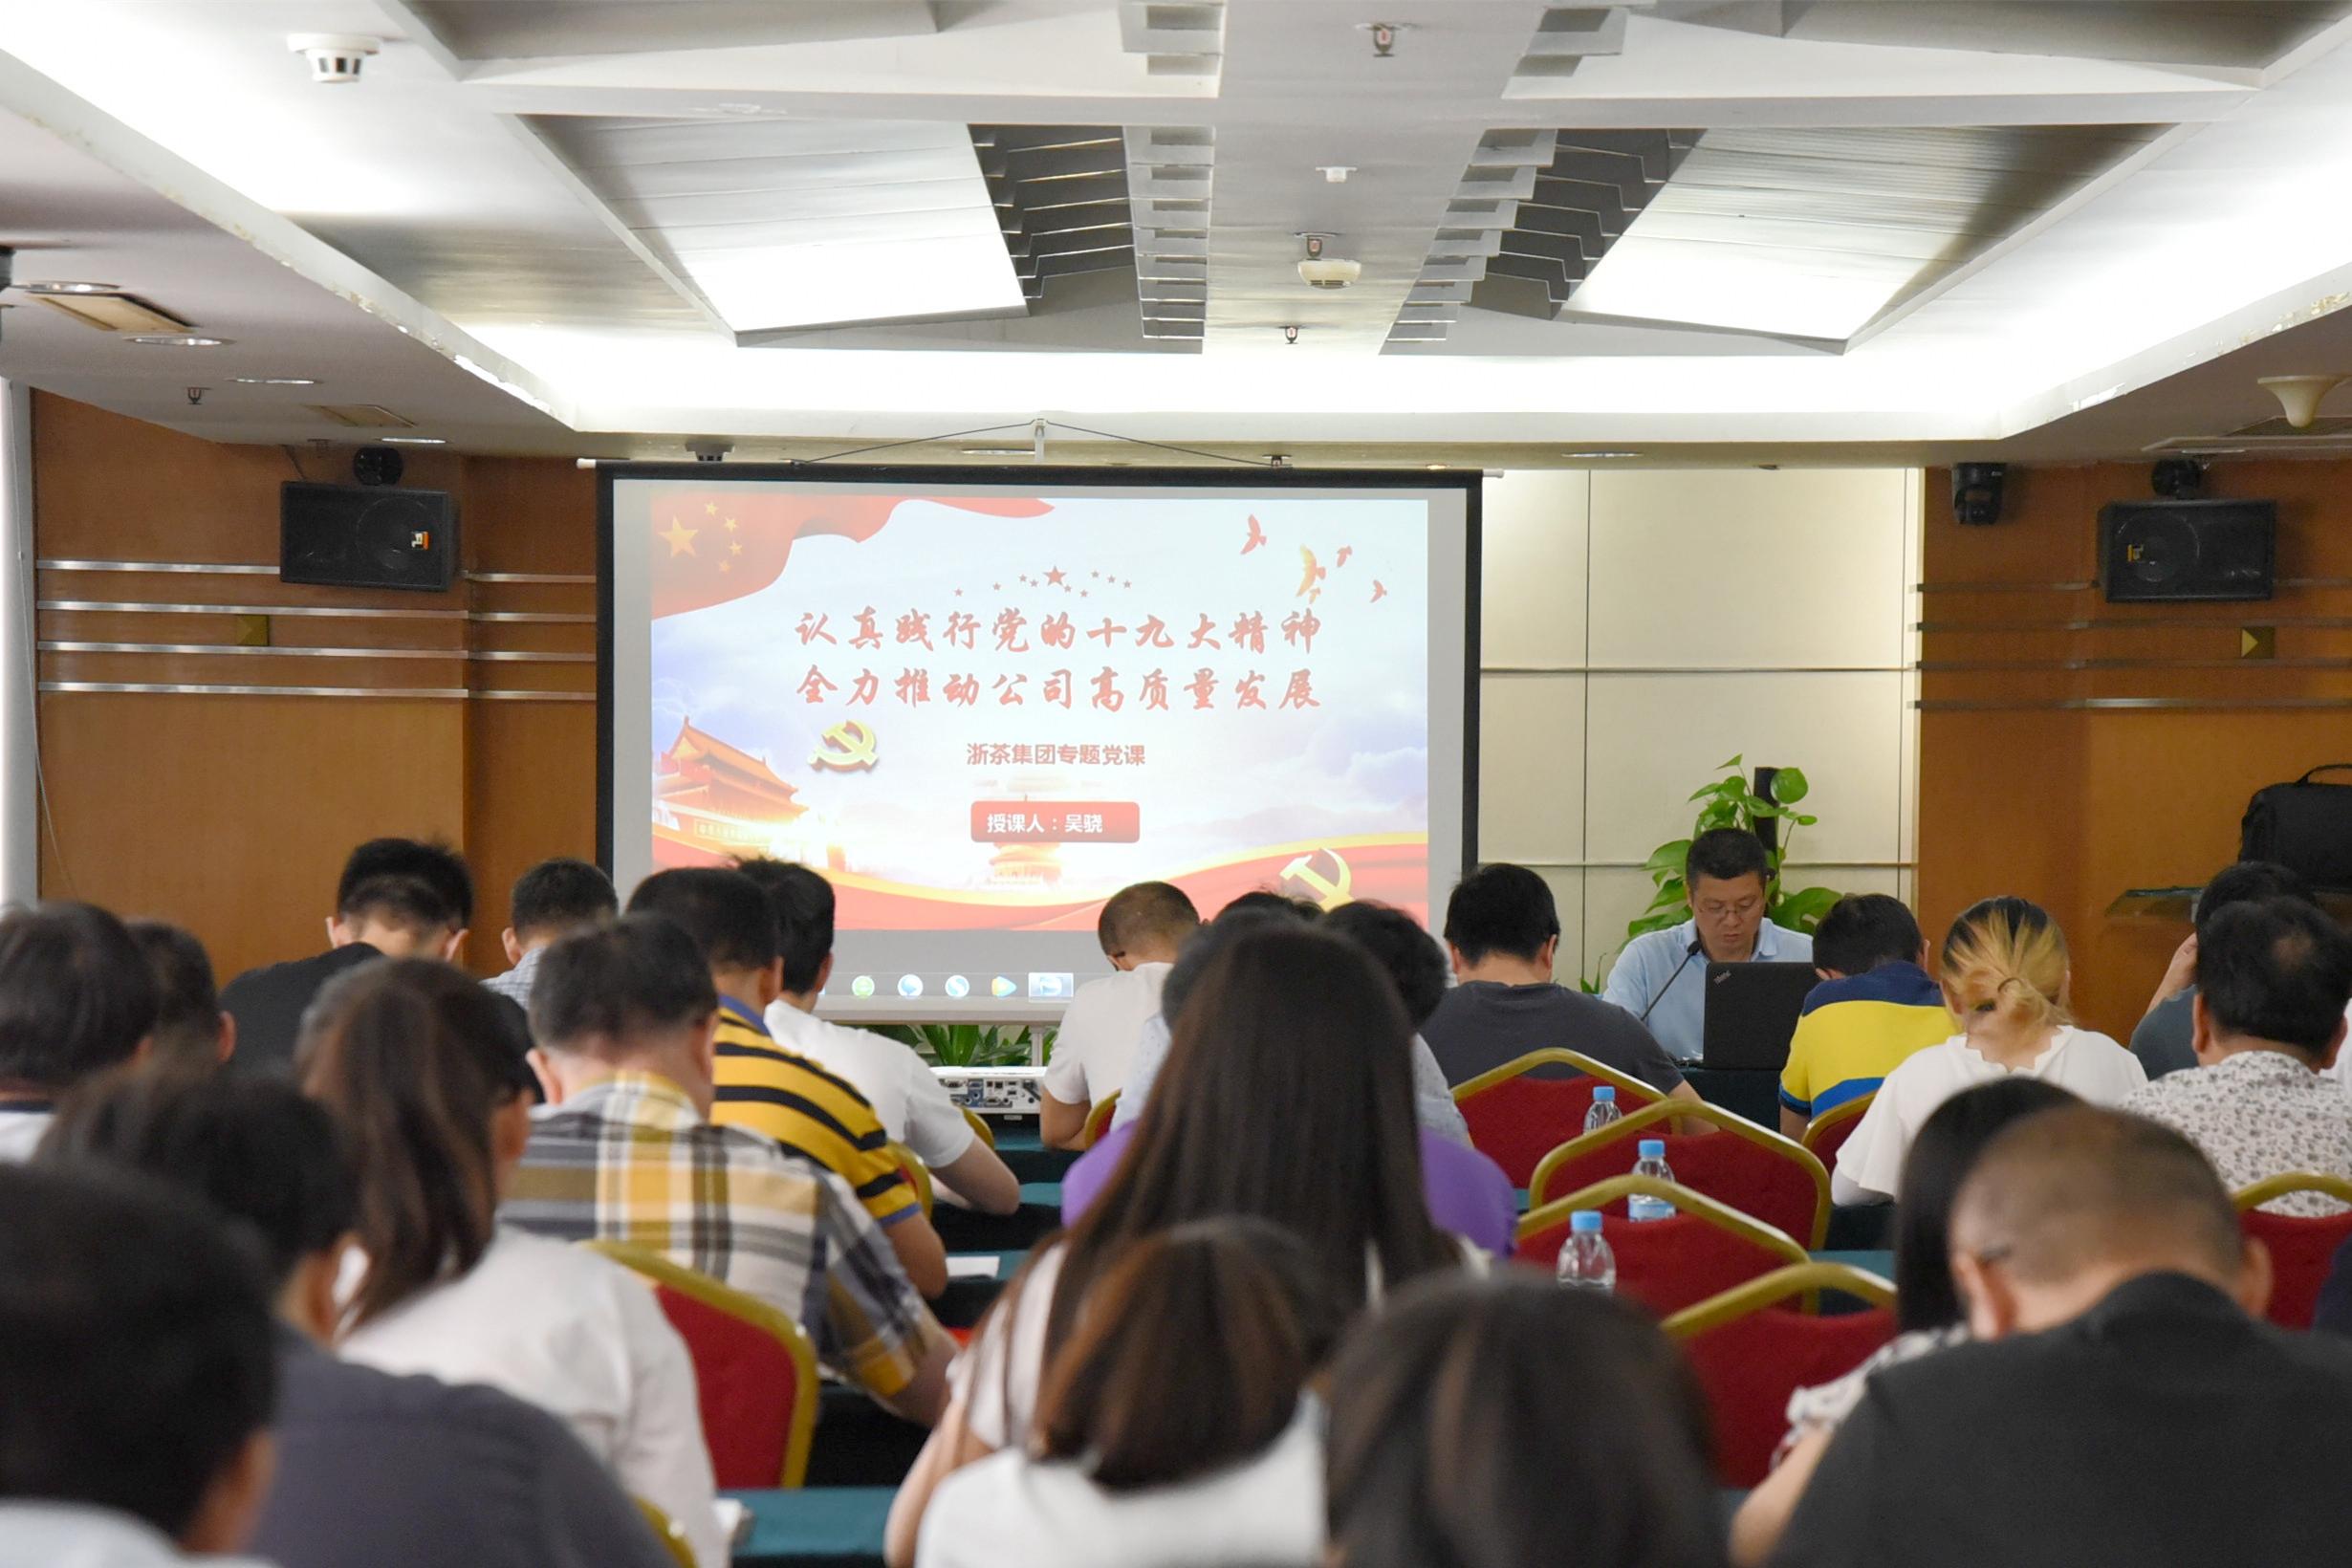 大奖娱乐下载_大奖娱乐开户集团党委举办书记讲党课活动